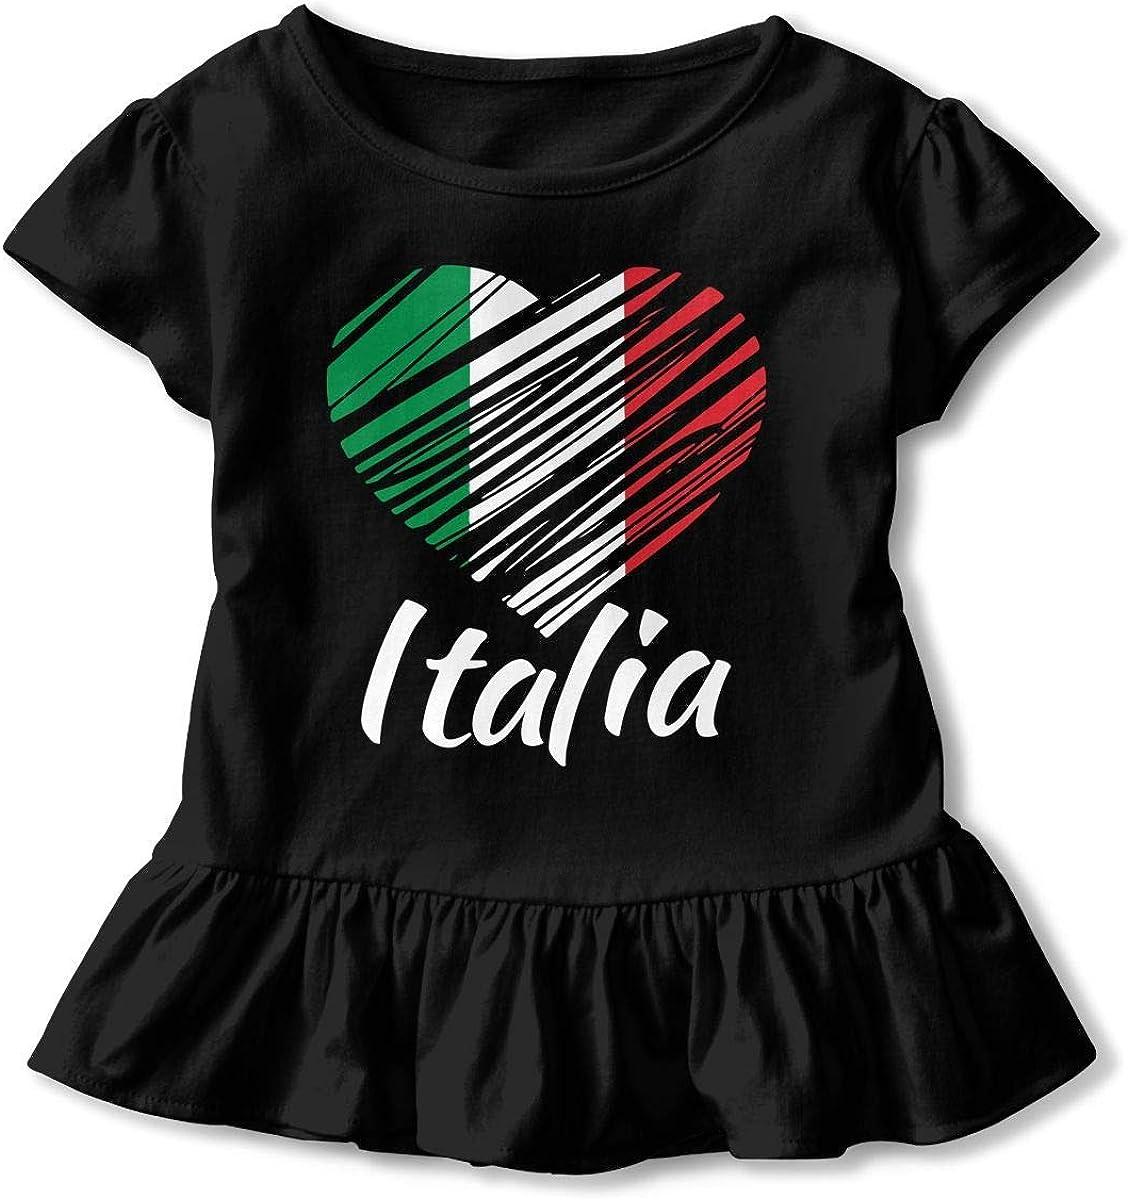 YLJIA Italian Heart T Shirts Kids Girls Short Sleeve Ruffles Shirt Tee Jersey for 2-6T